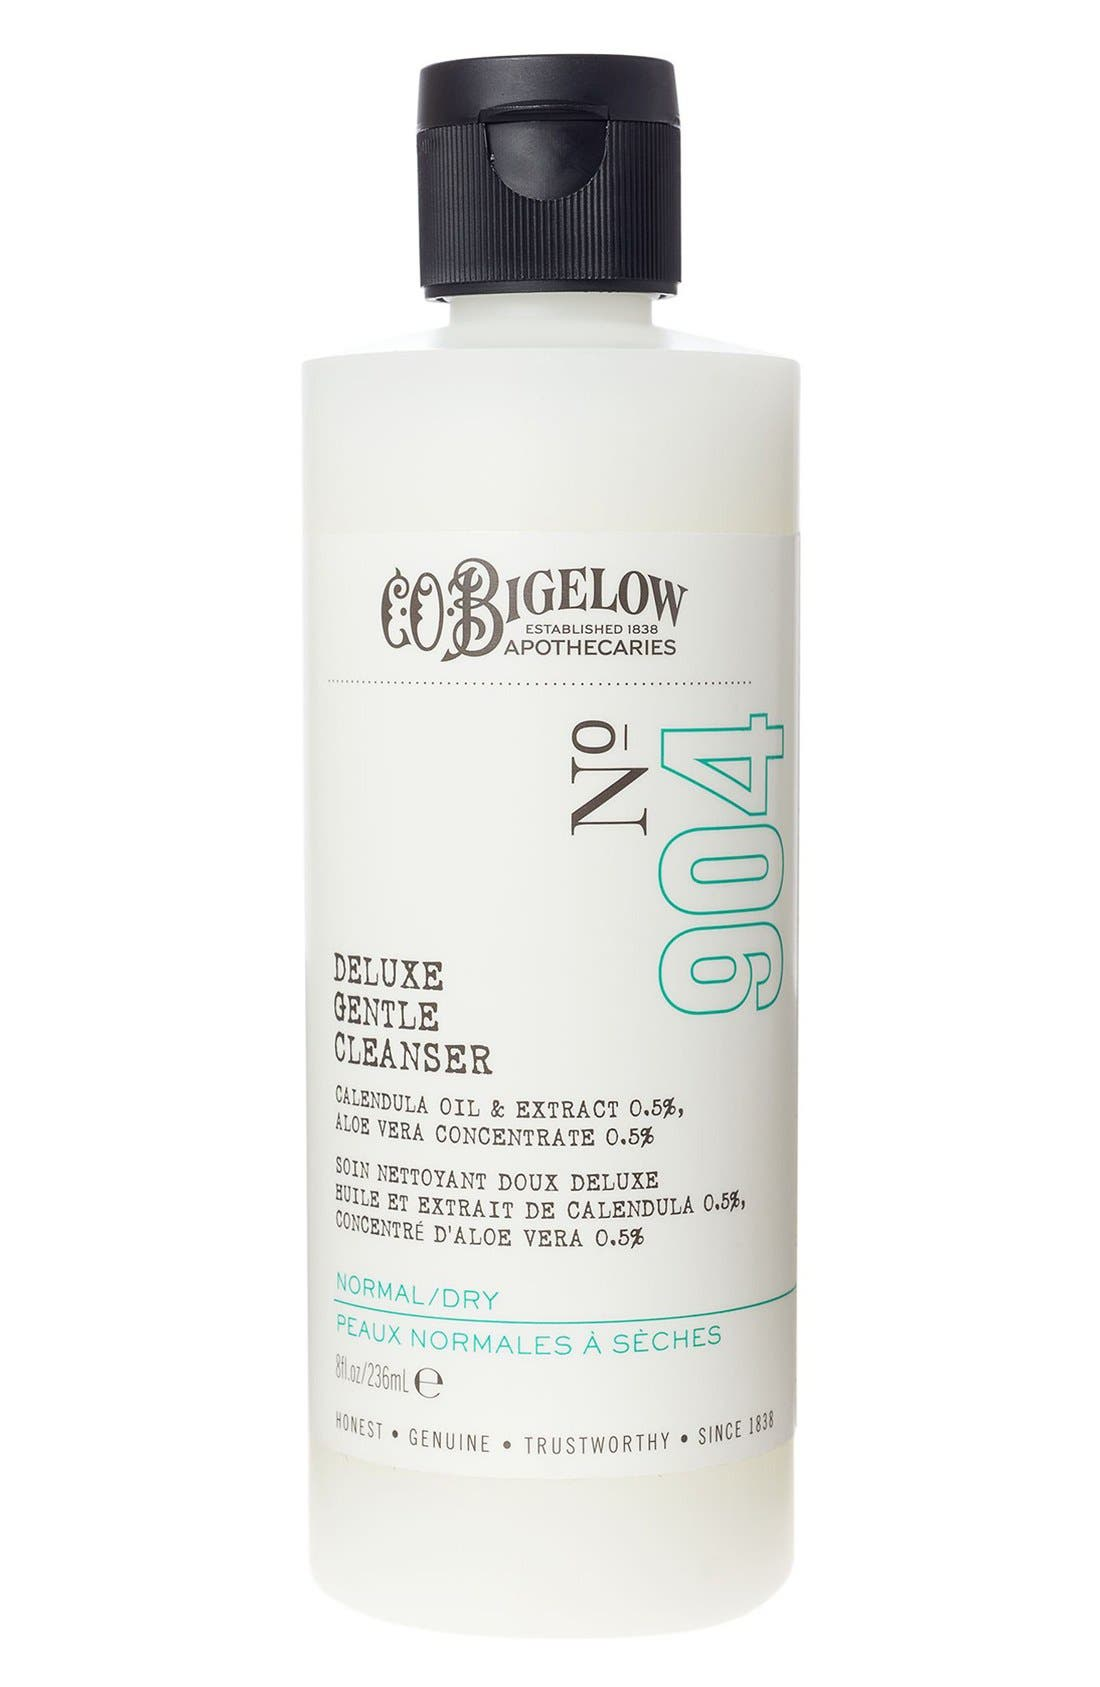 C.O. Bigelow® Deluxe Gentle Cleanser